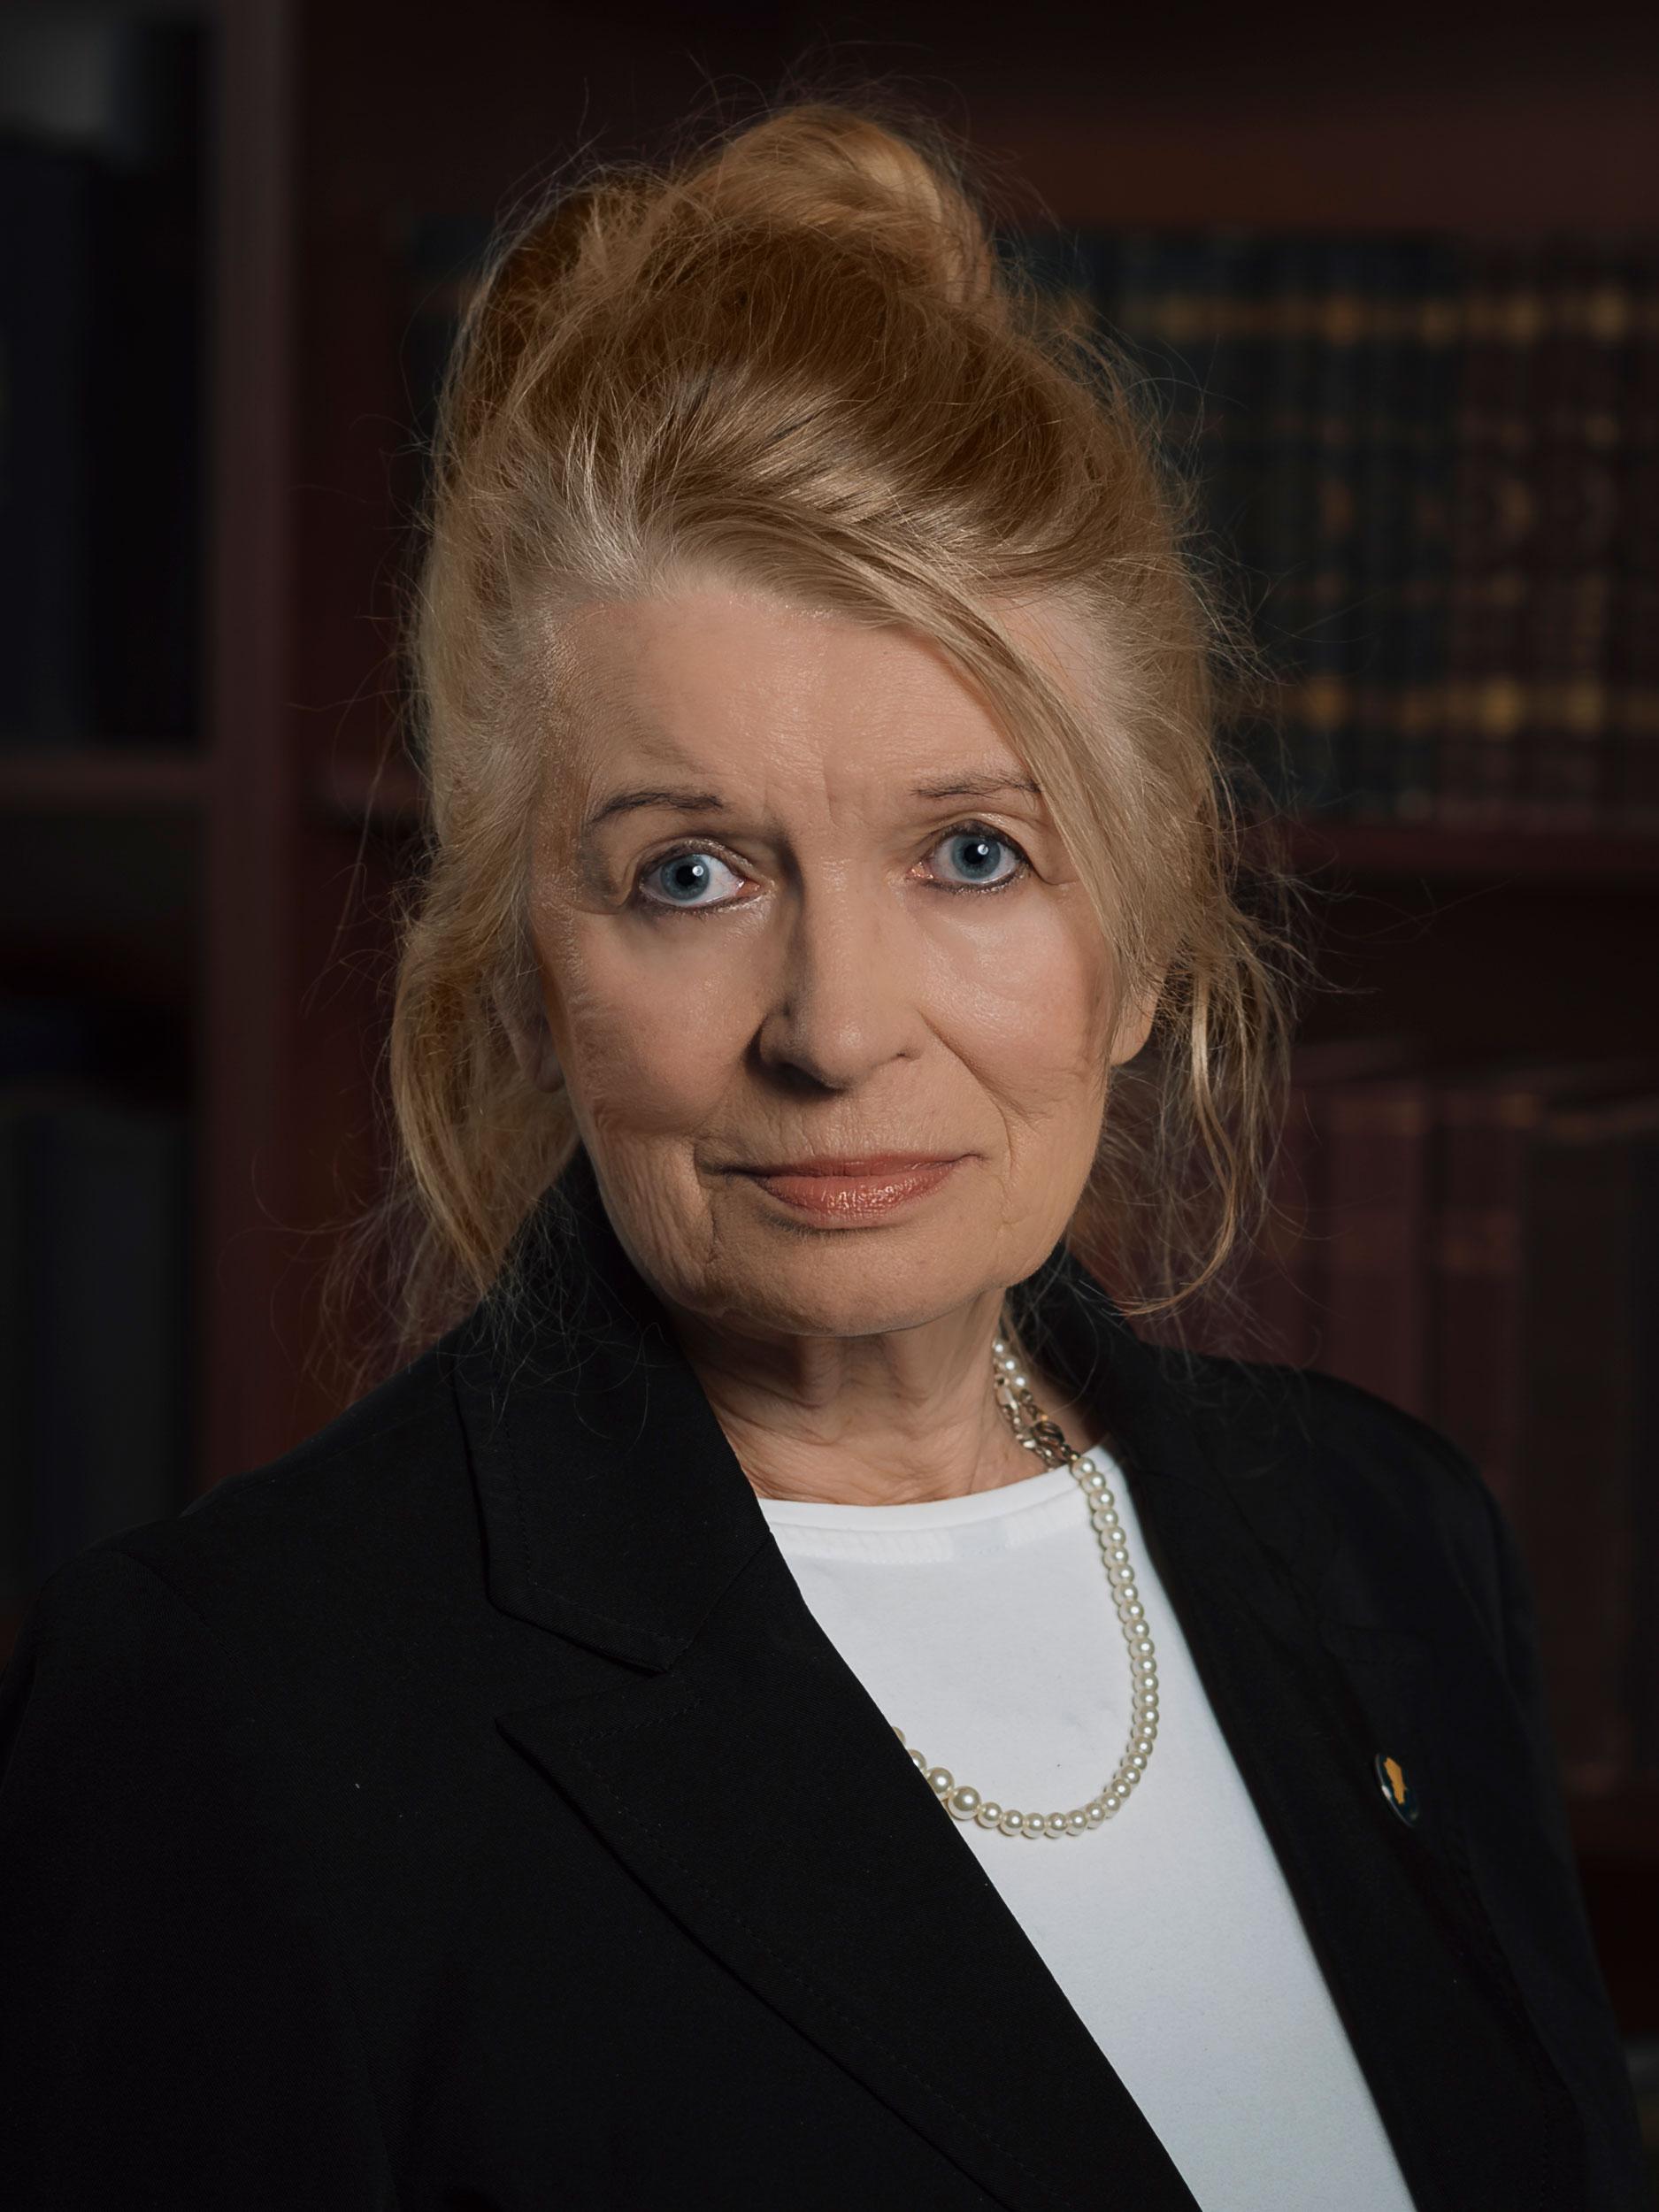 Zofia Kindzierszky